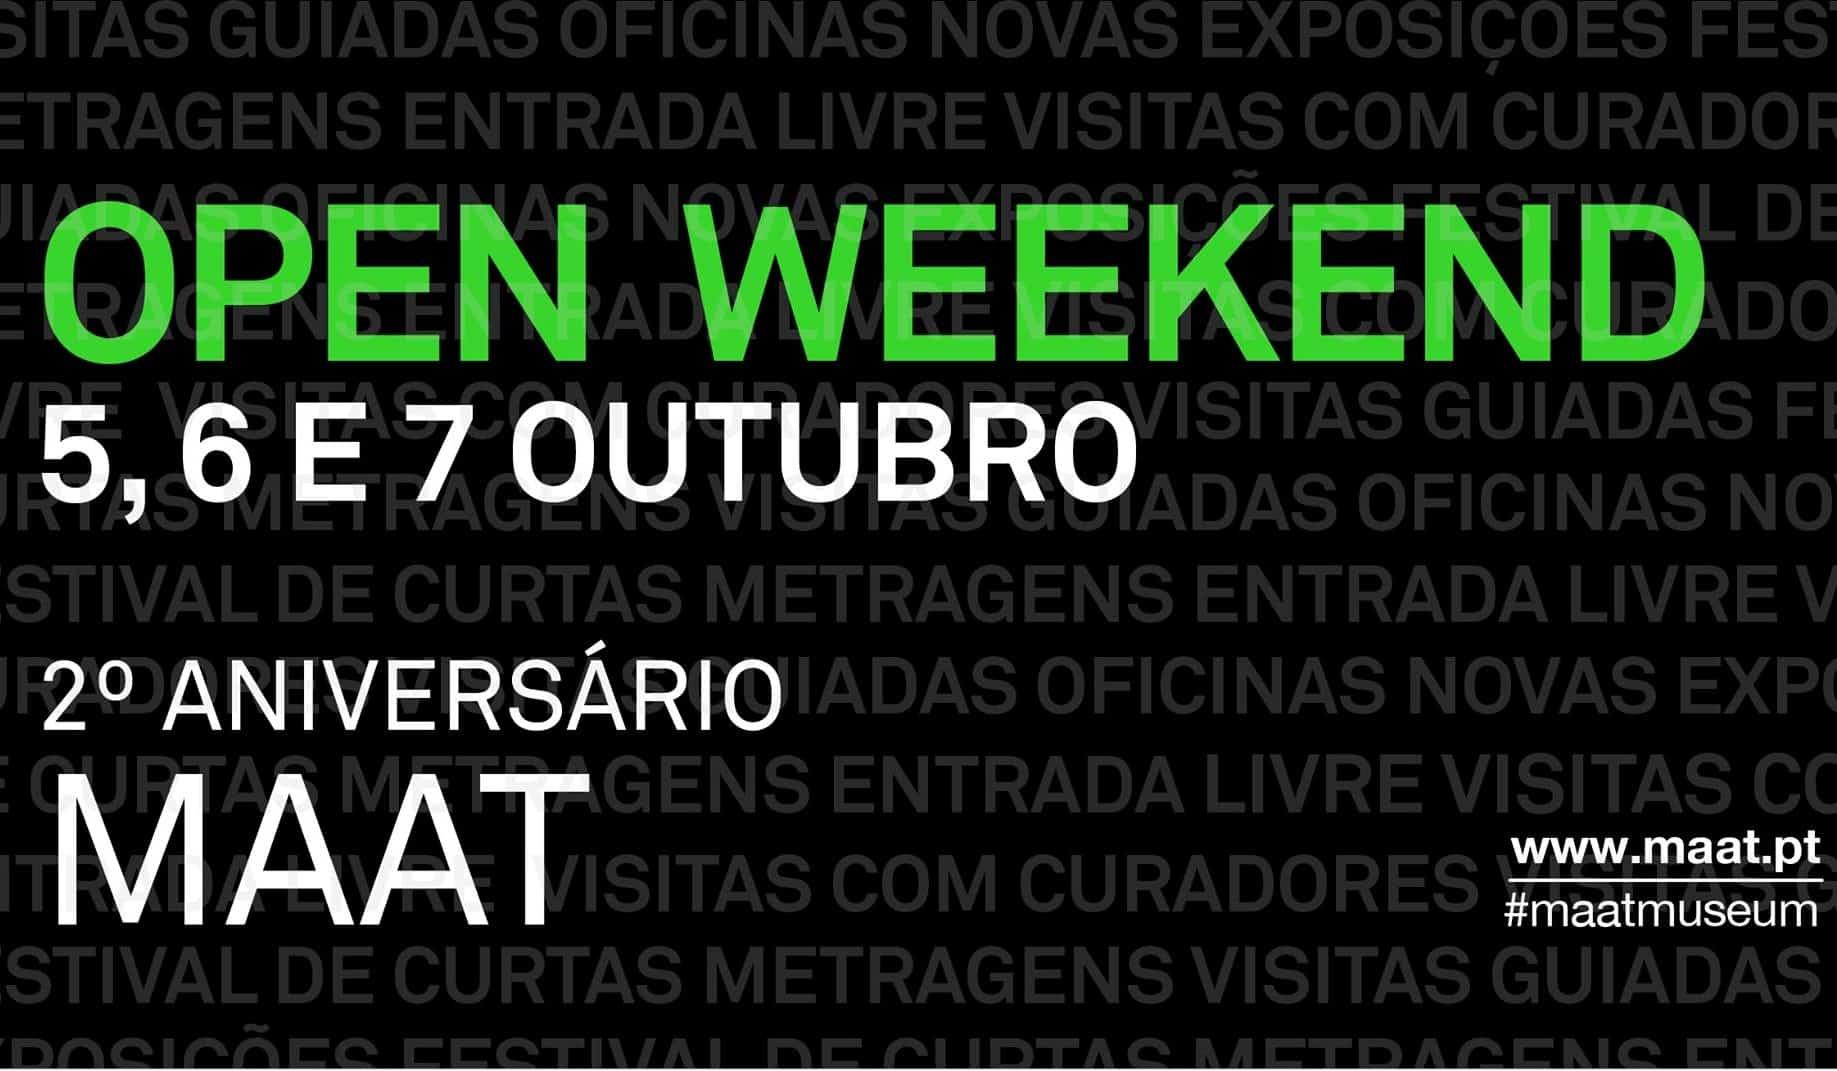 2º ANIVERSÁRIO DO MAAT | OPEN WEEKEND